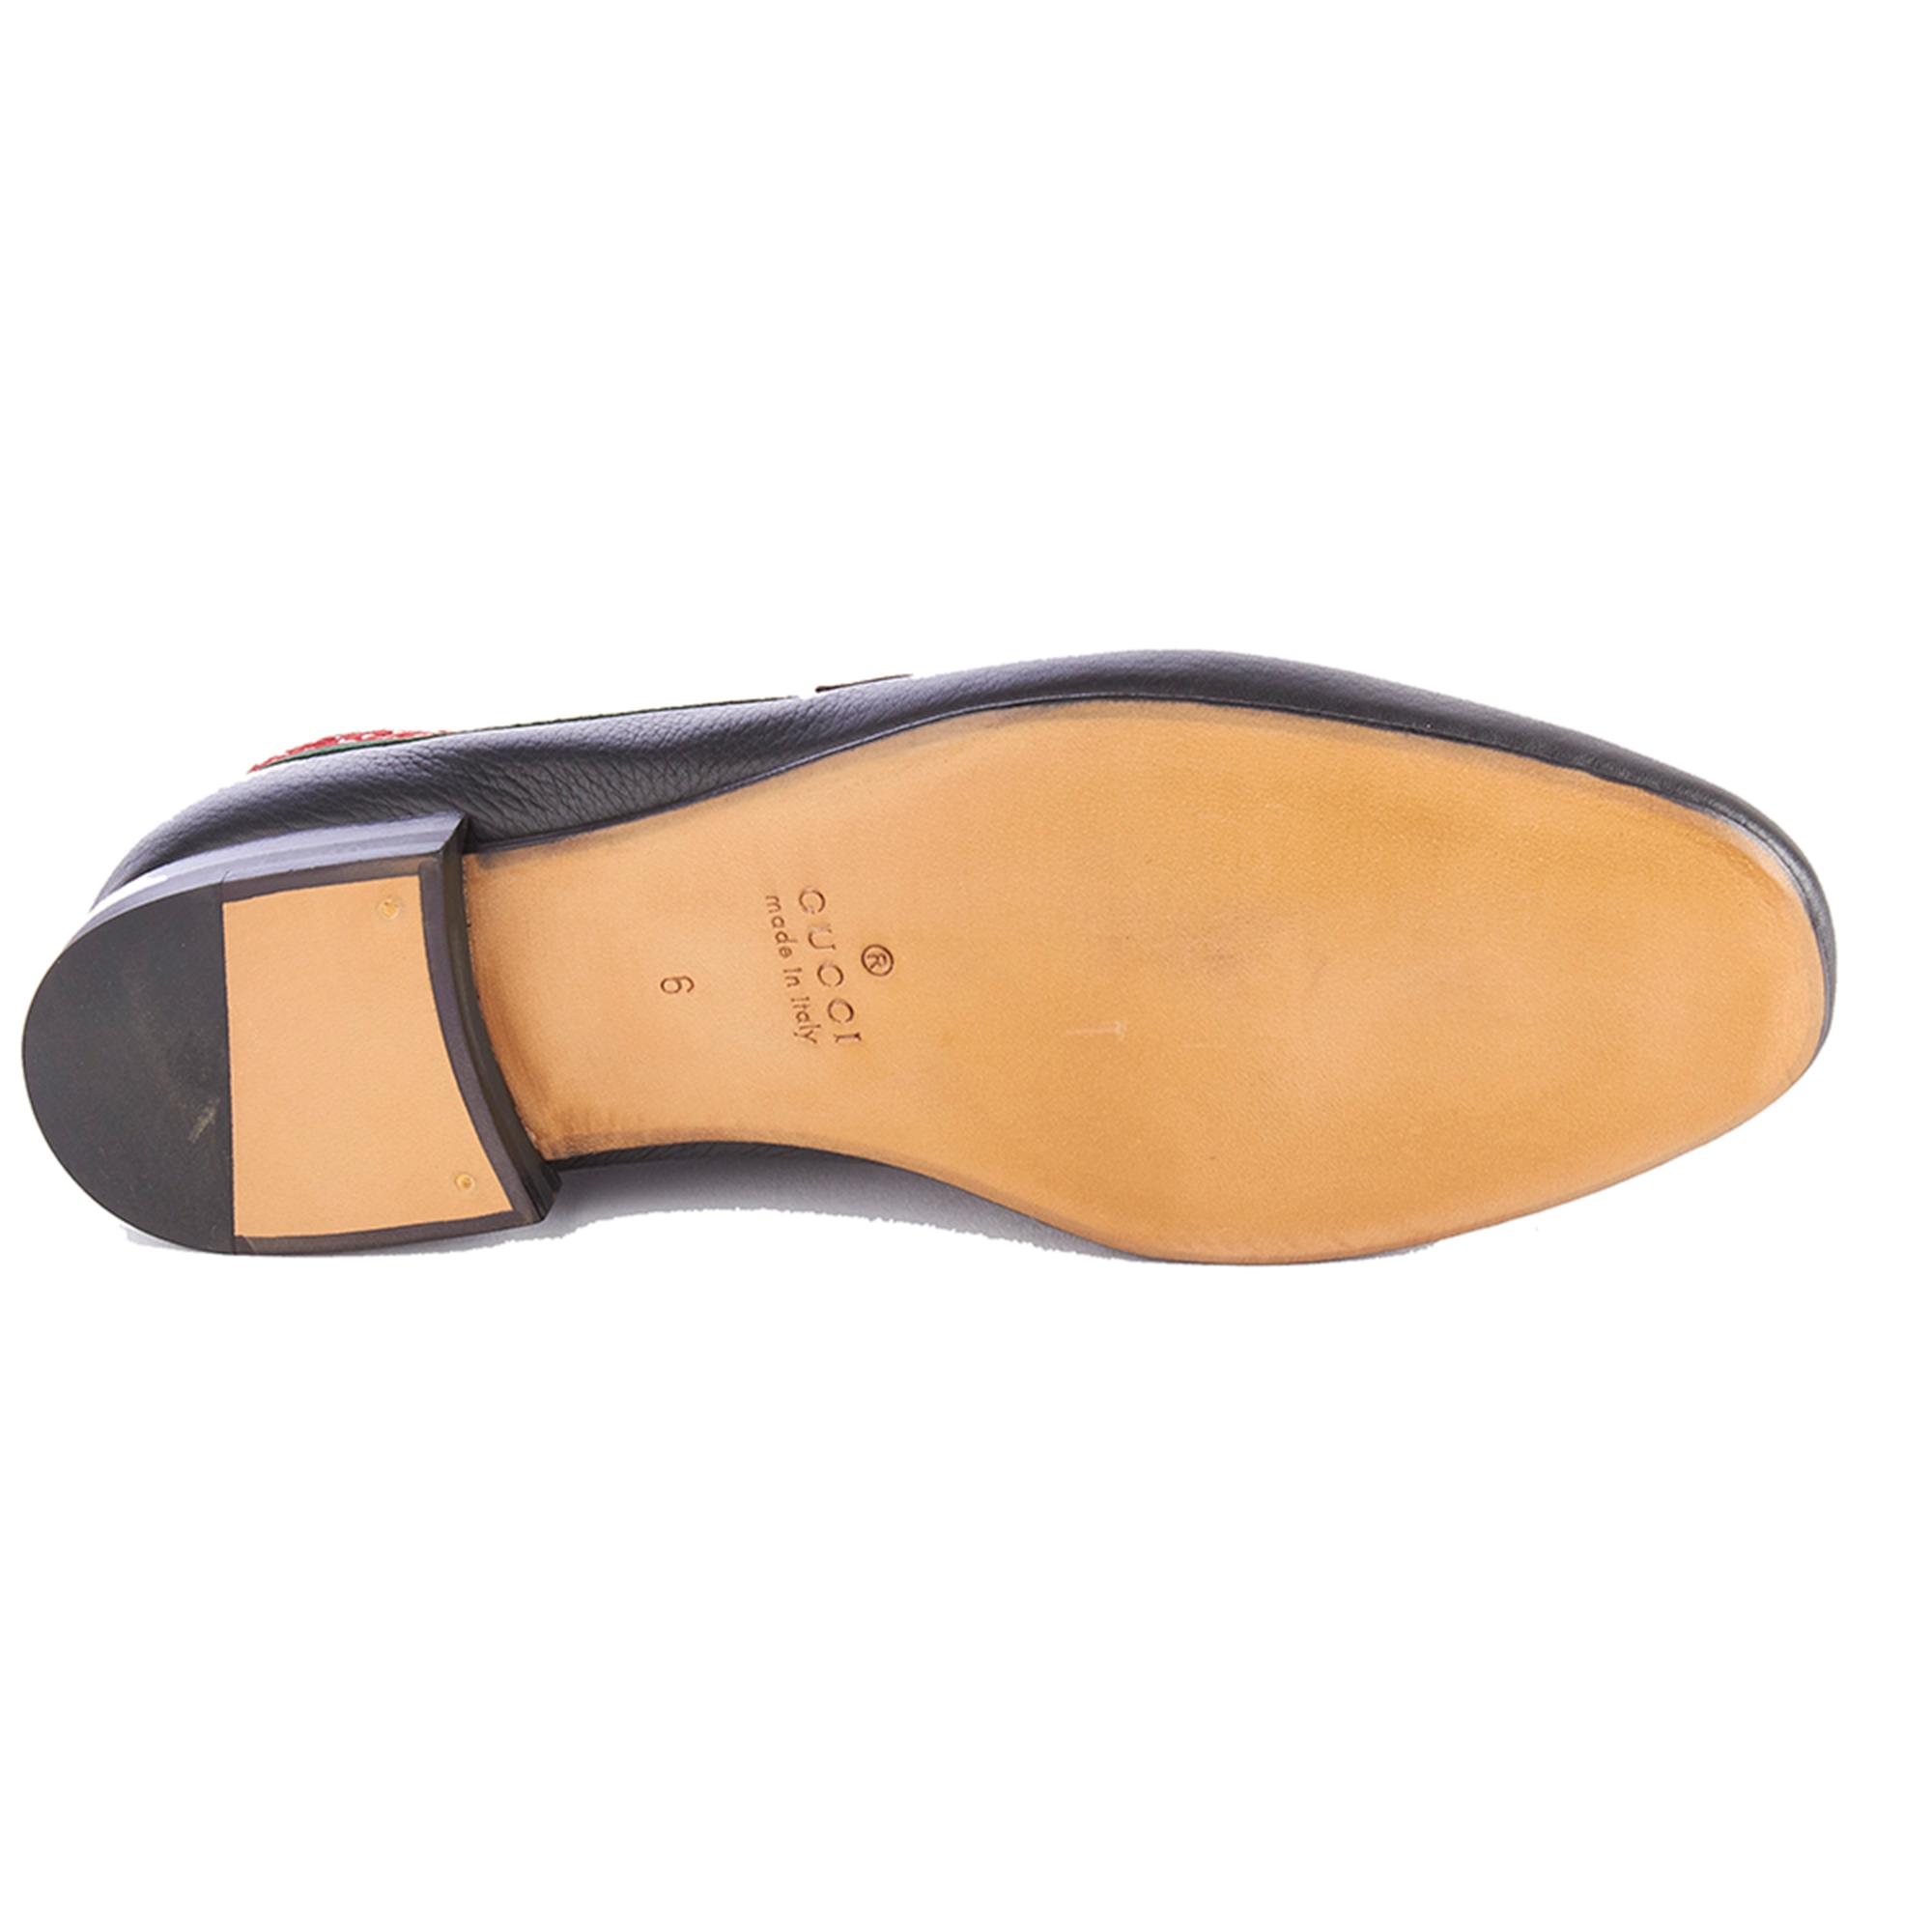 18e17b91ee8 Gucci Men s Leather L Aveugle Par Amour Loafers Black Shoes